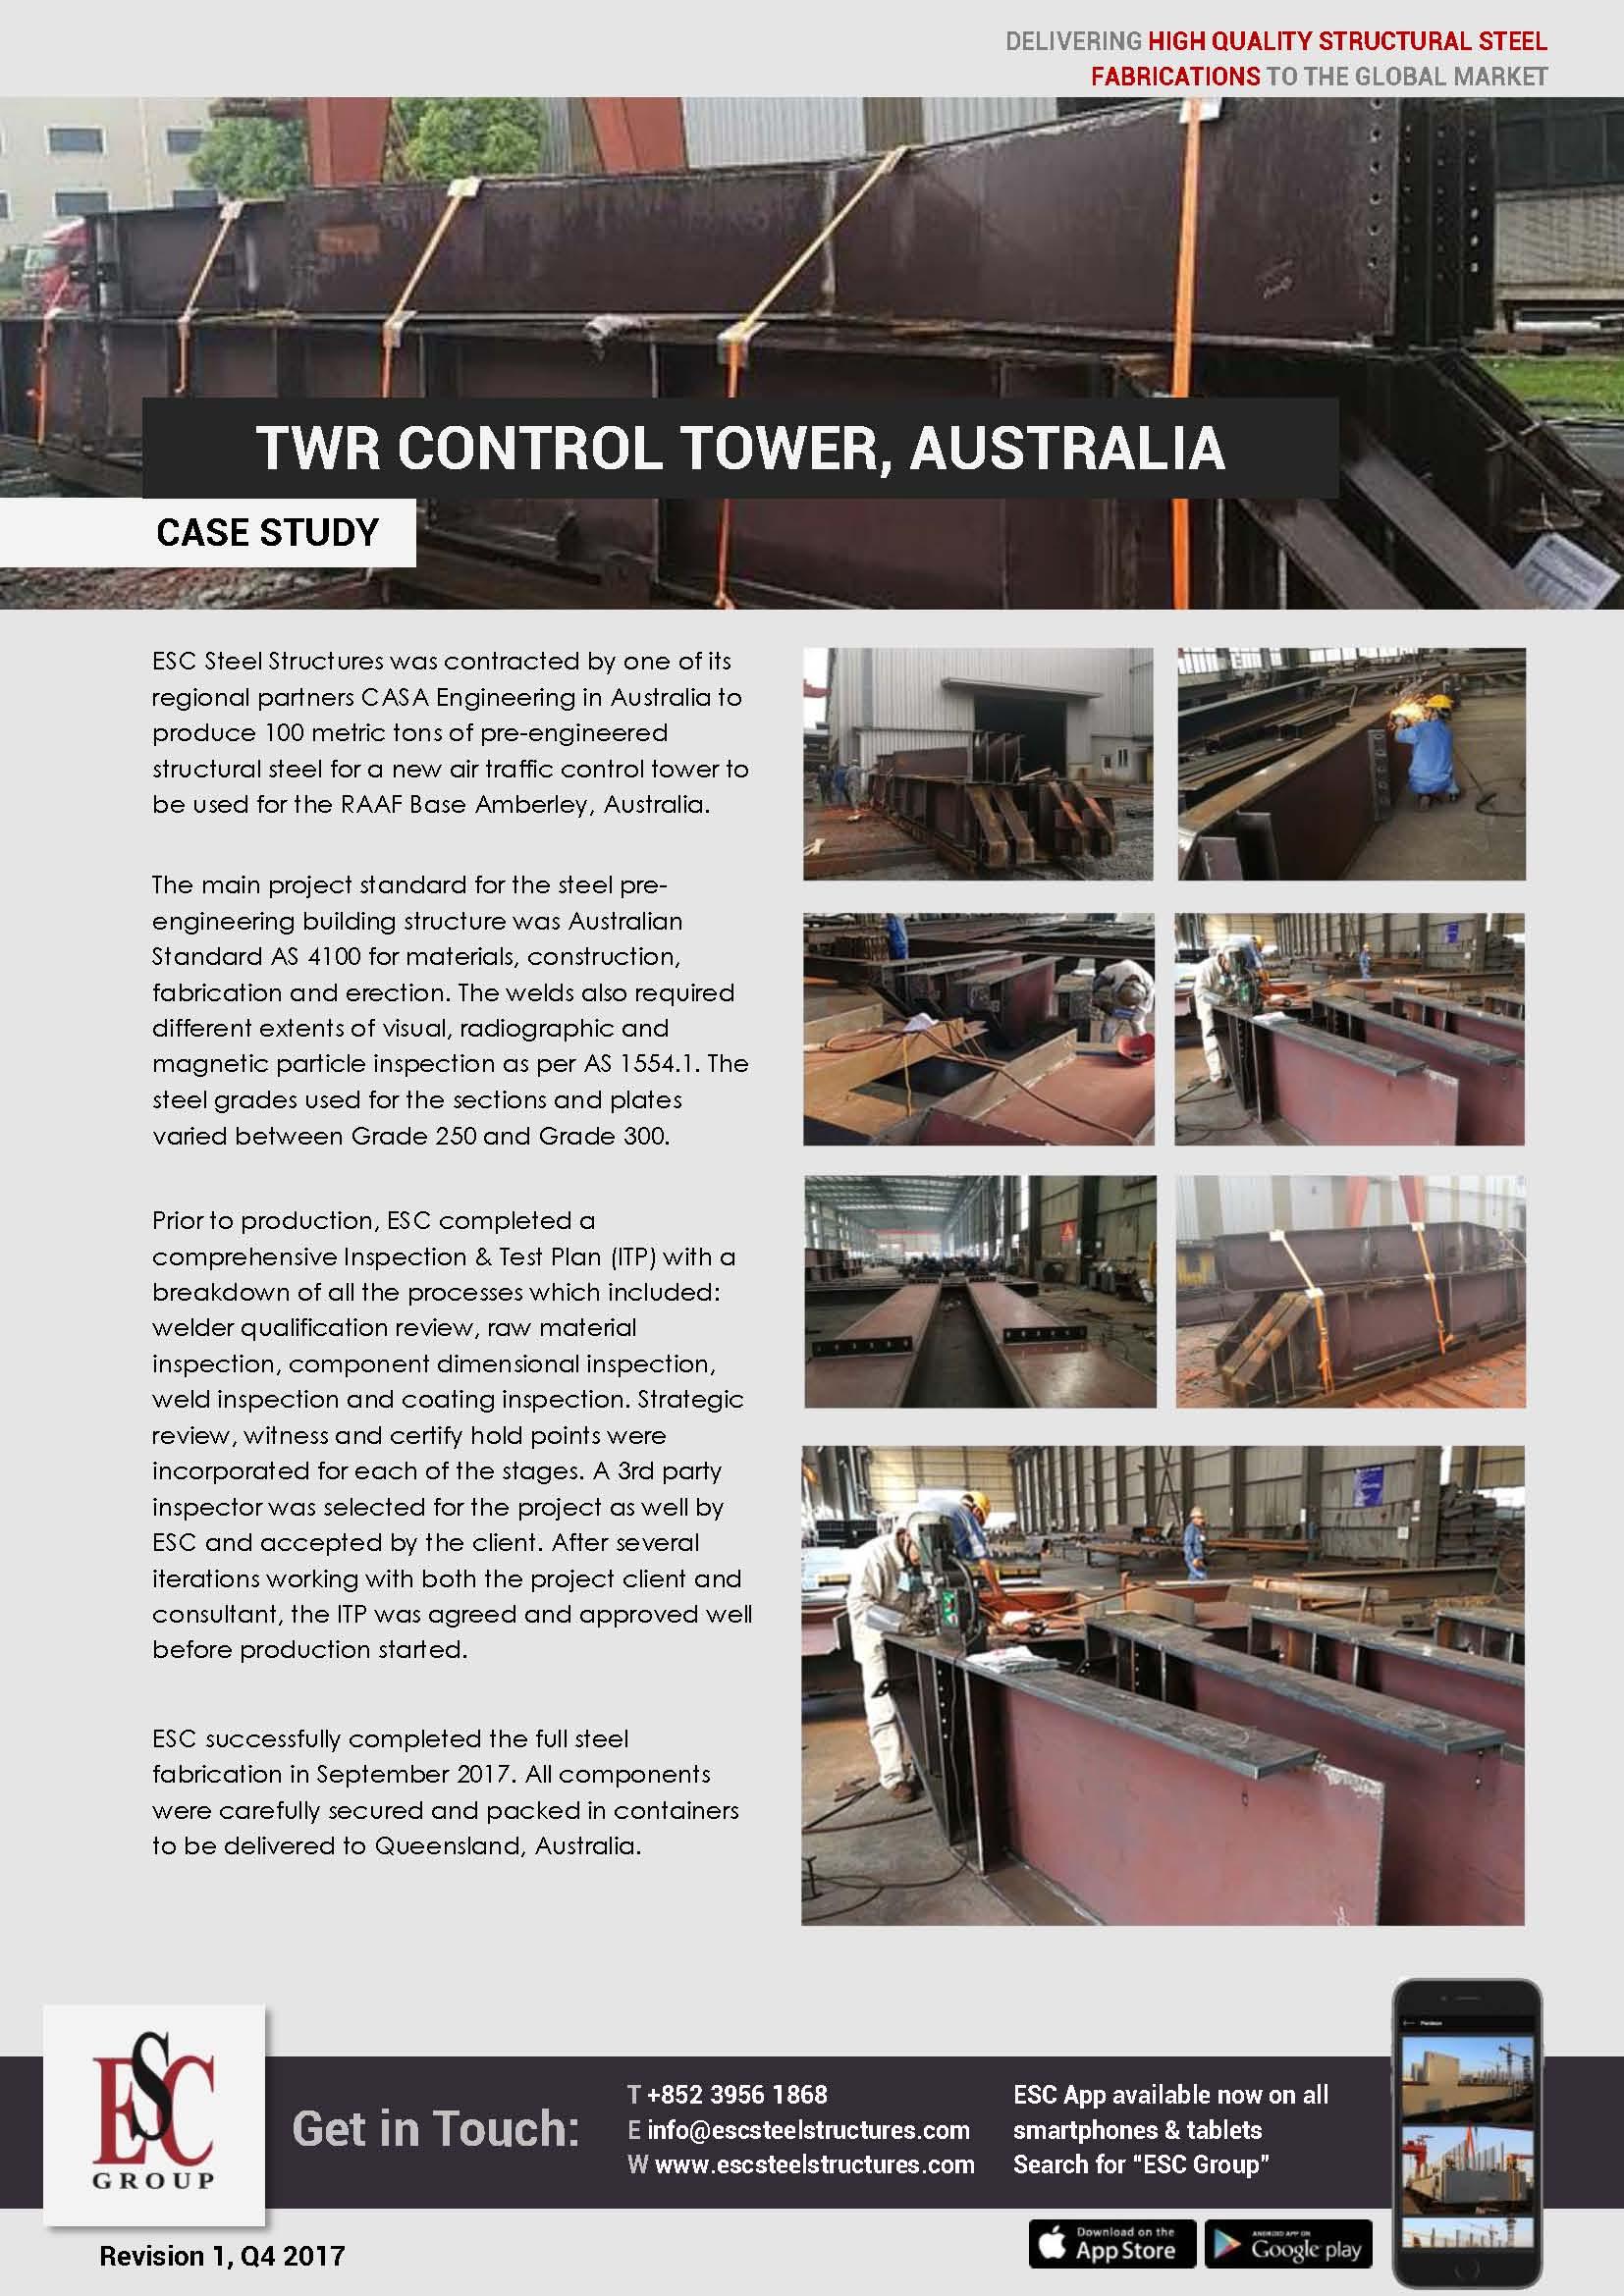 Torre de Controlo TWR, Austrália